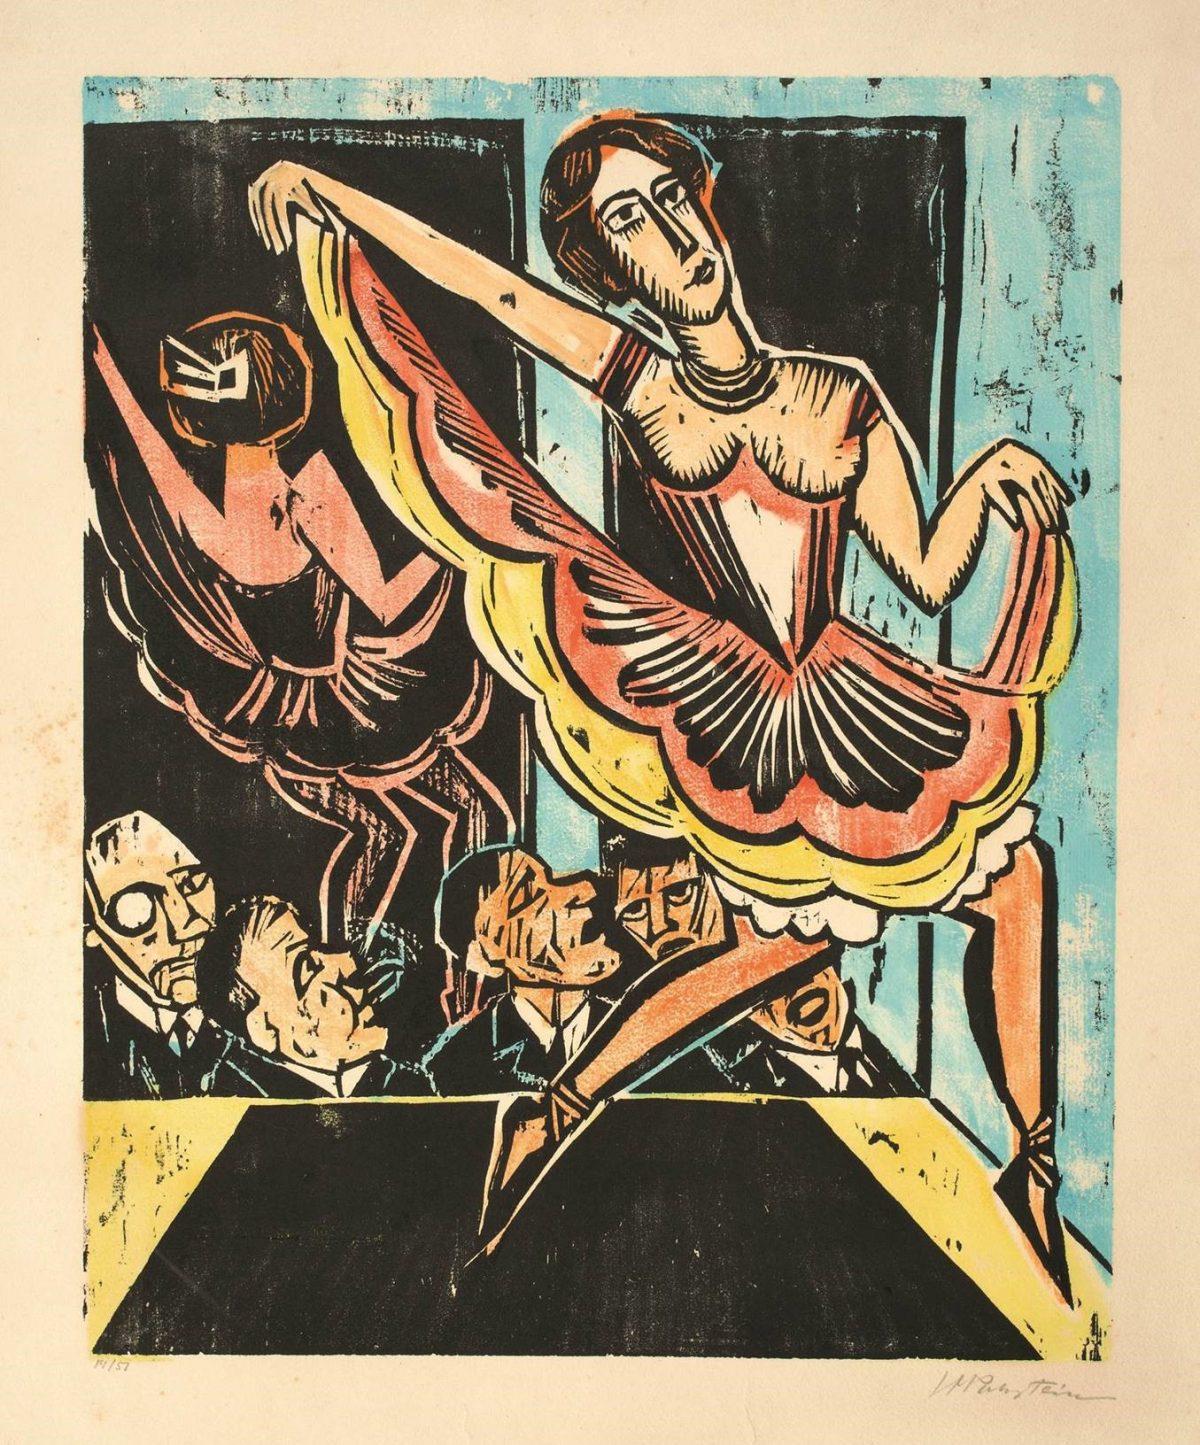 Max Pechstein Tänzerin im Spiegel, Detail, 1923 Farbholzschnitt, 50x40 cm Privatsammlung Fotostudio Bartsch, Karen Bartsch, Berlin